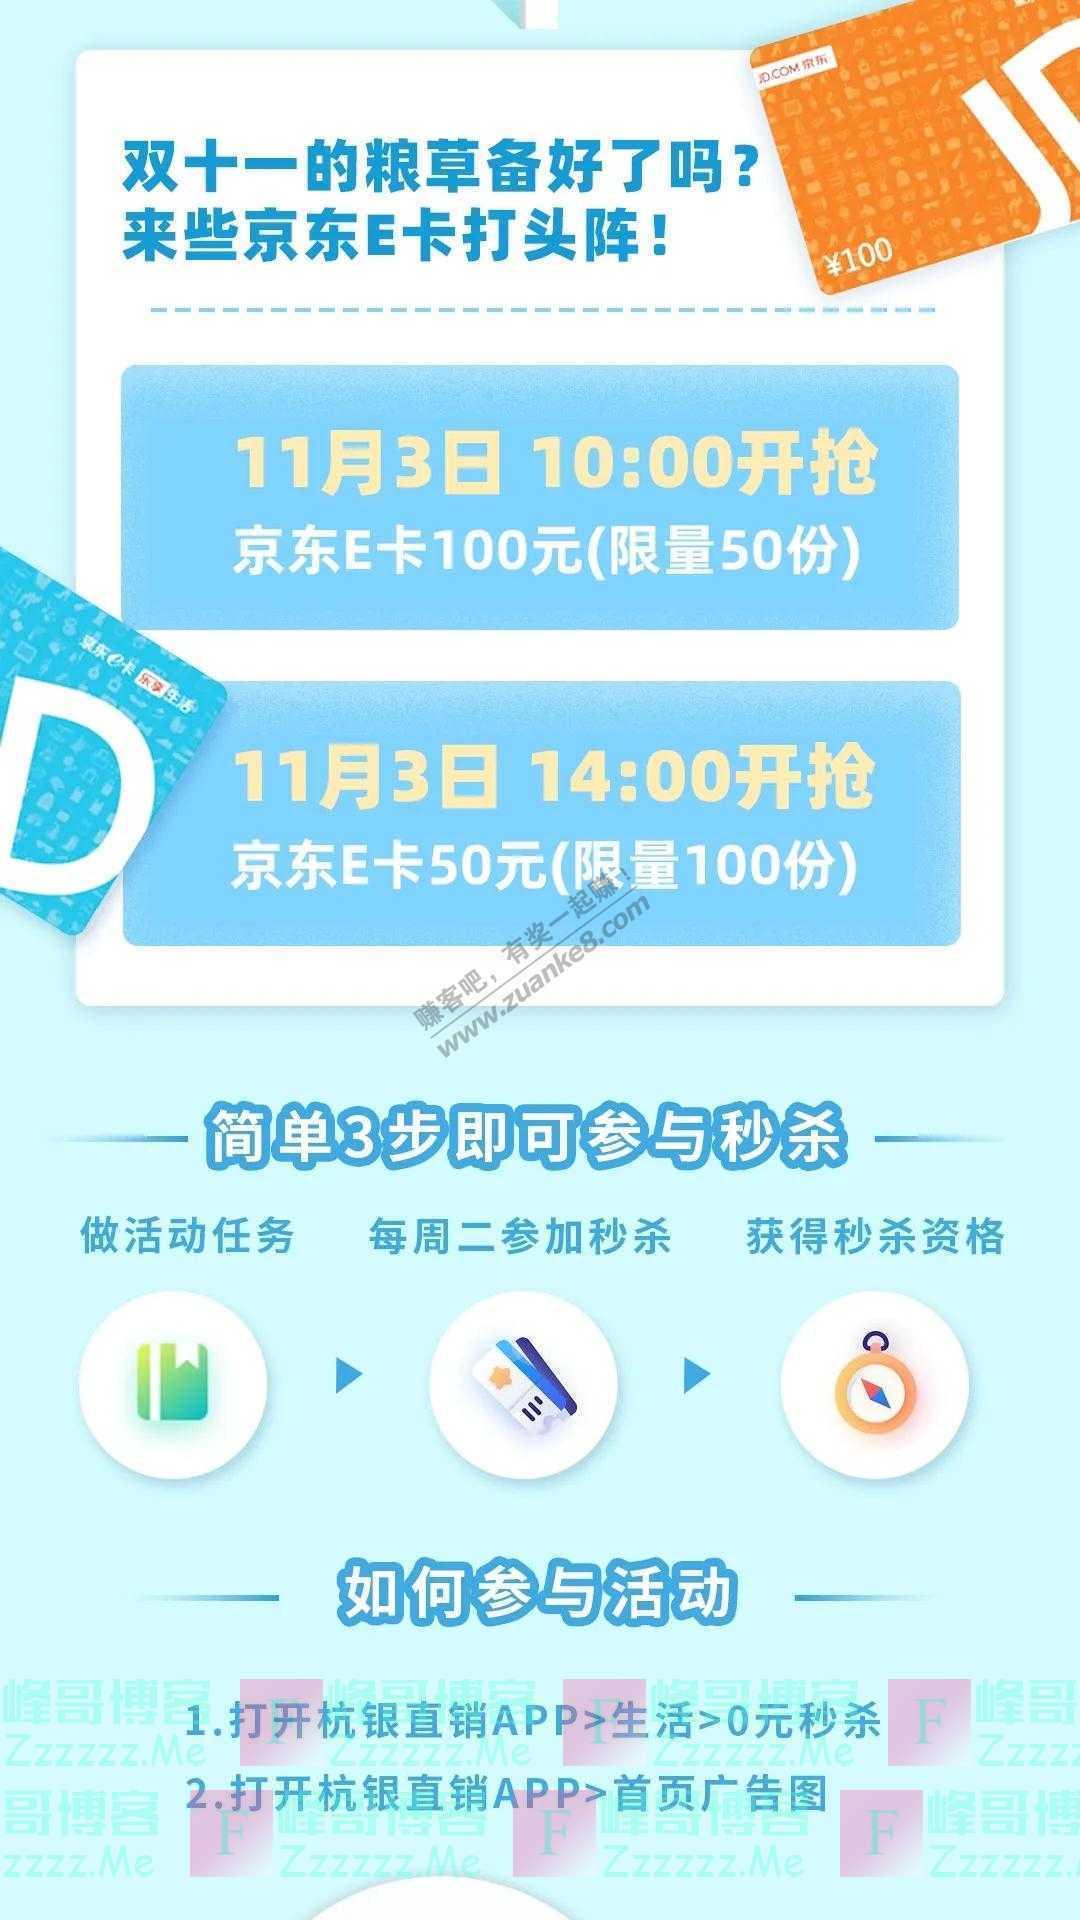 杭州银行预热双十一 京东E卡免费送(截止11月3日)